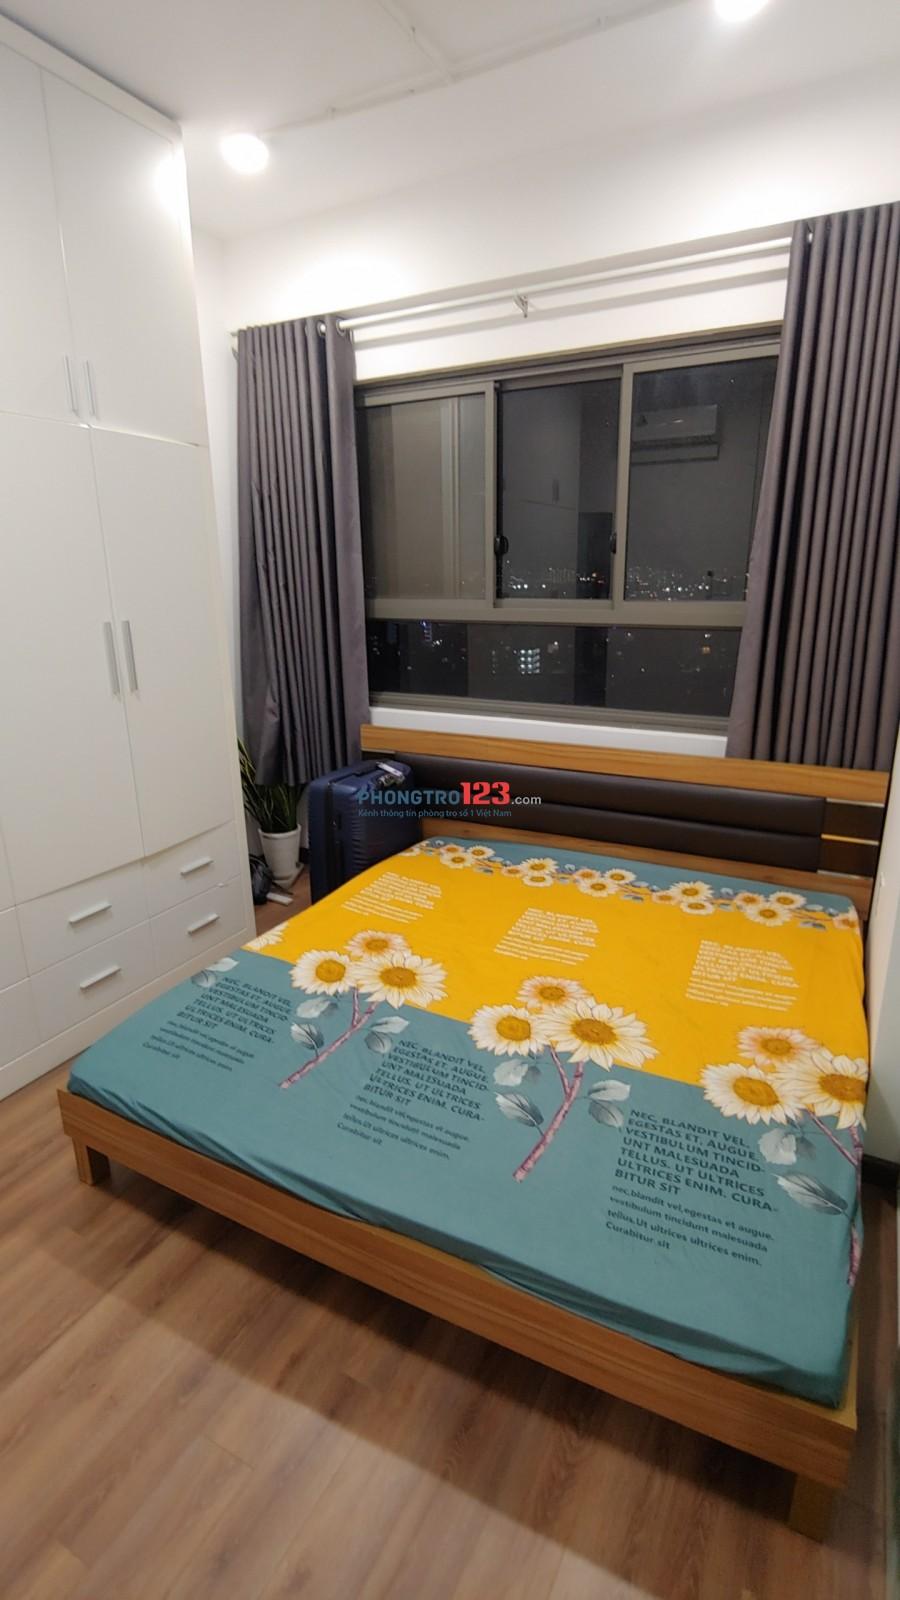 Chính chủ cho thuê căn hộ Willton Tower Q Bình Thạnh Full nội thất 68m2 có 2pn 2wc